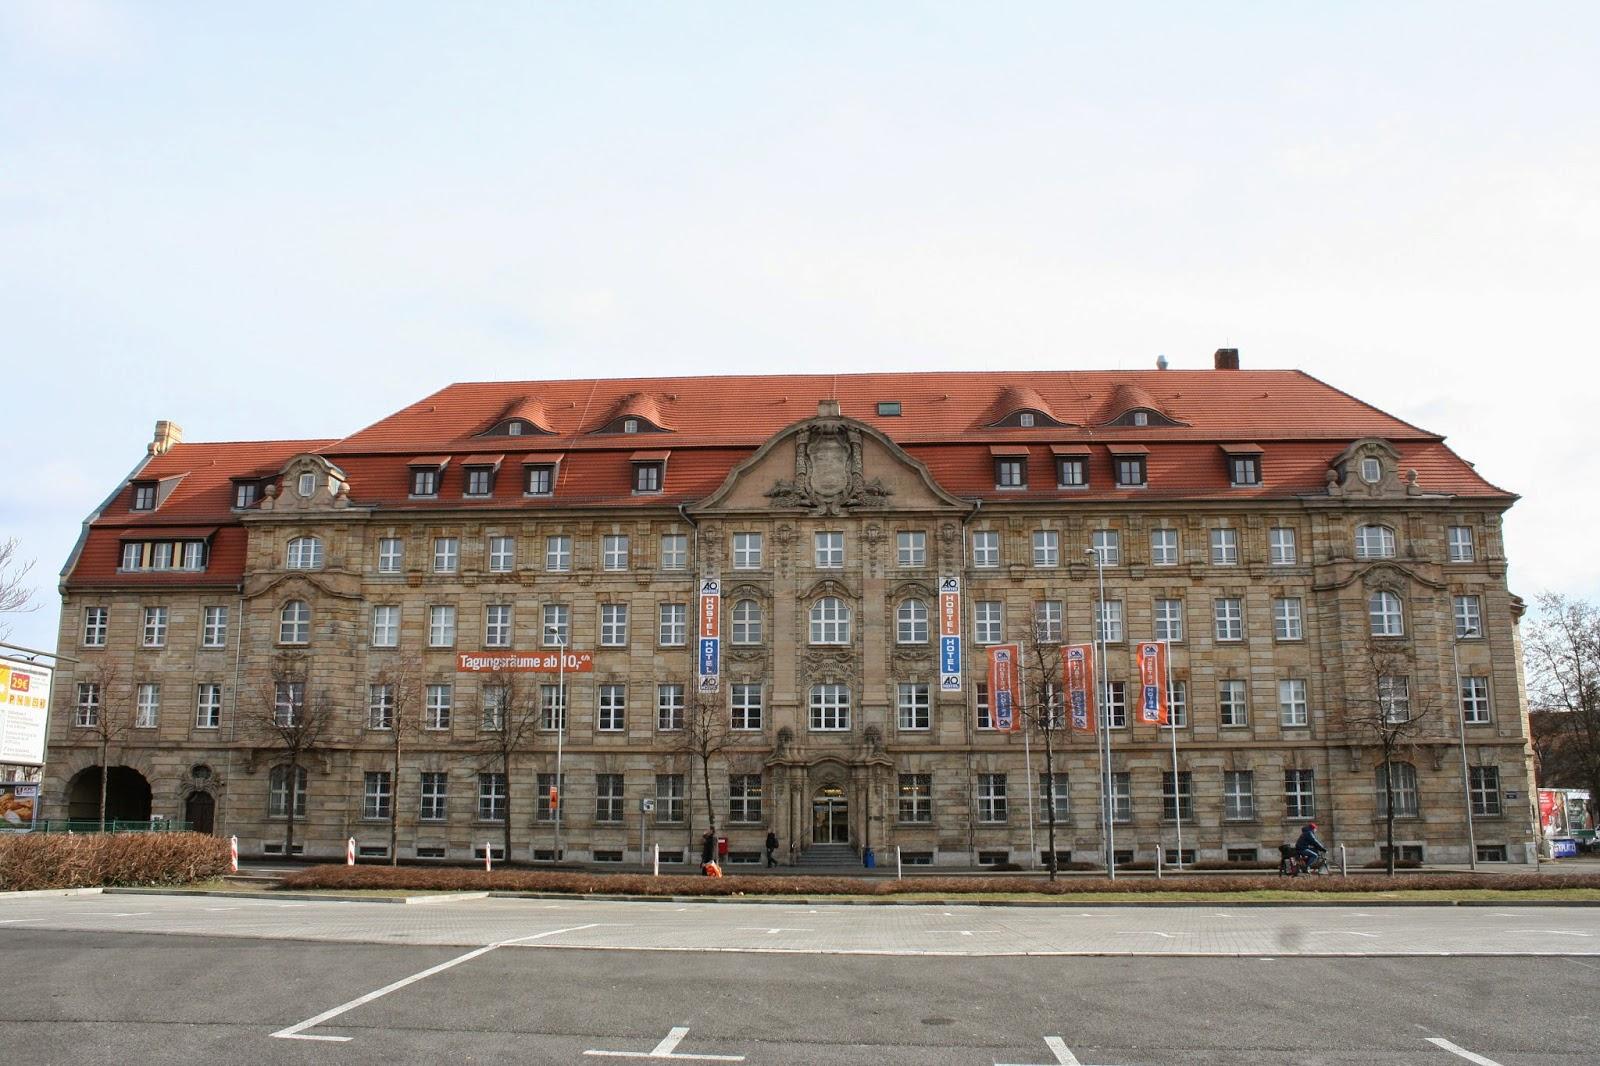 """Das """"Bahnpostamt"""", """"Reichspostgebäude"""" oder auch """"Kaiserliches Deutsches Bahnpostamt No. 32"""" genannt, befindet sich östlich des Hauptbahnhofes an der Brandenburger Straße und wurde damals im Auftrag der Sächsischen Oberpostdirektion erbaut"""